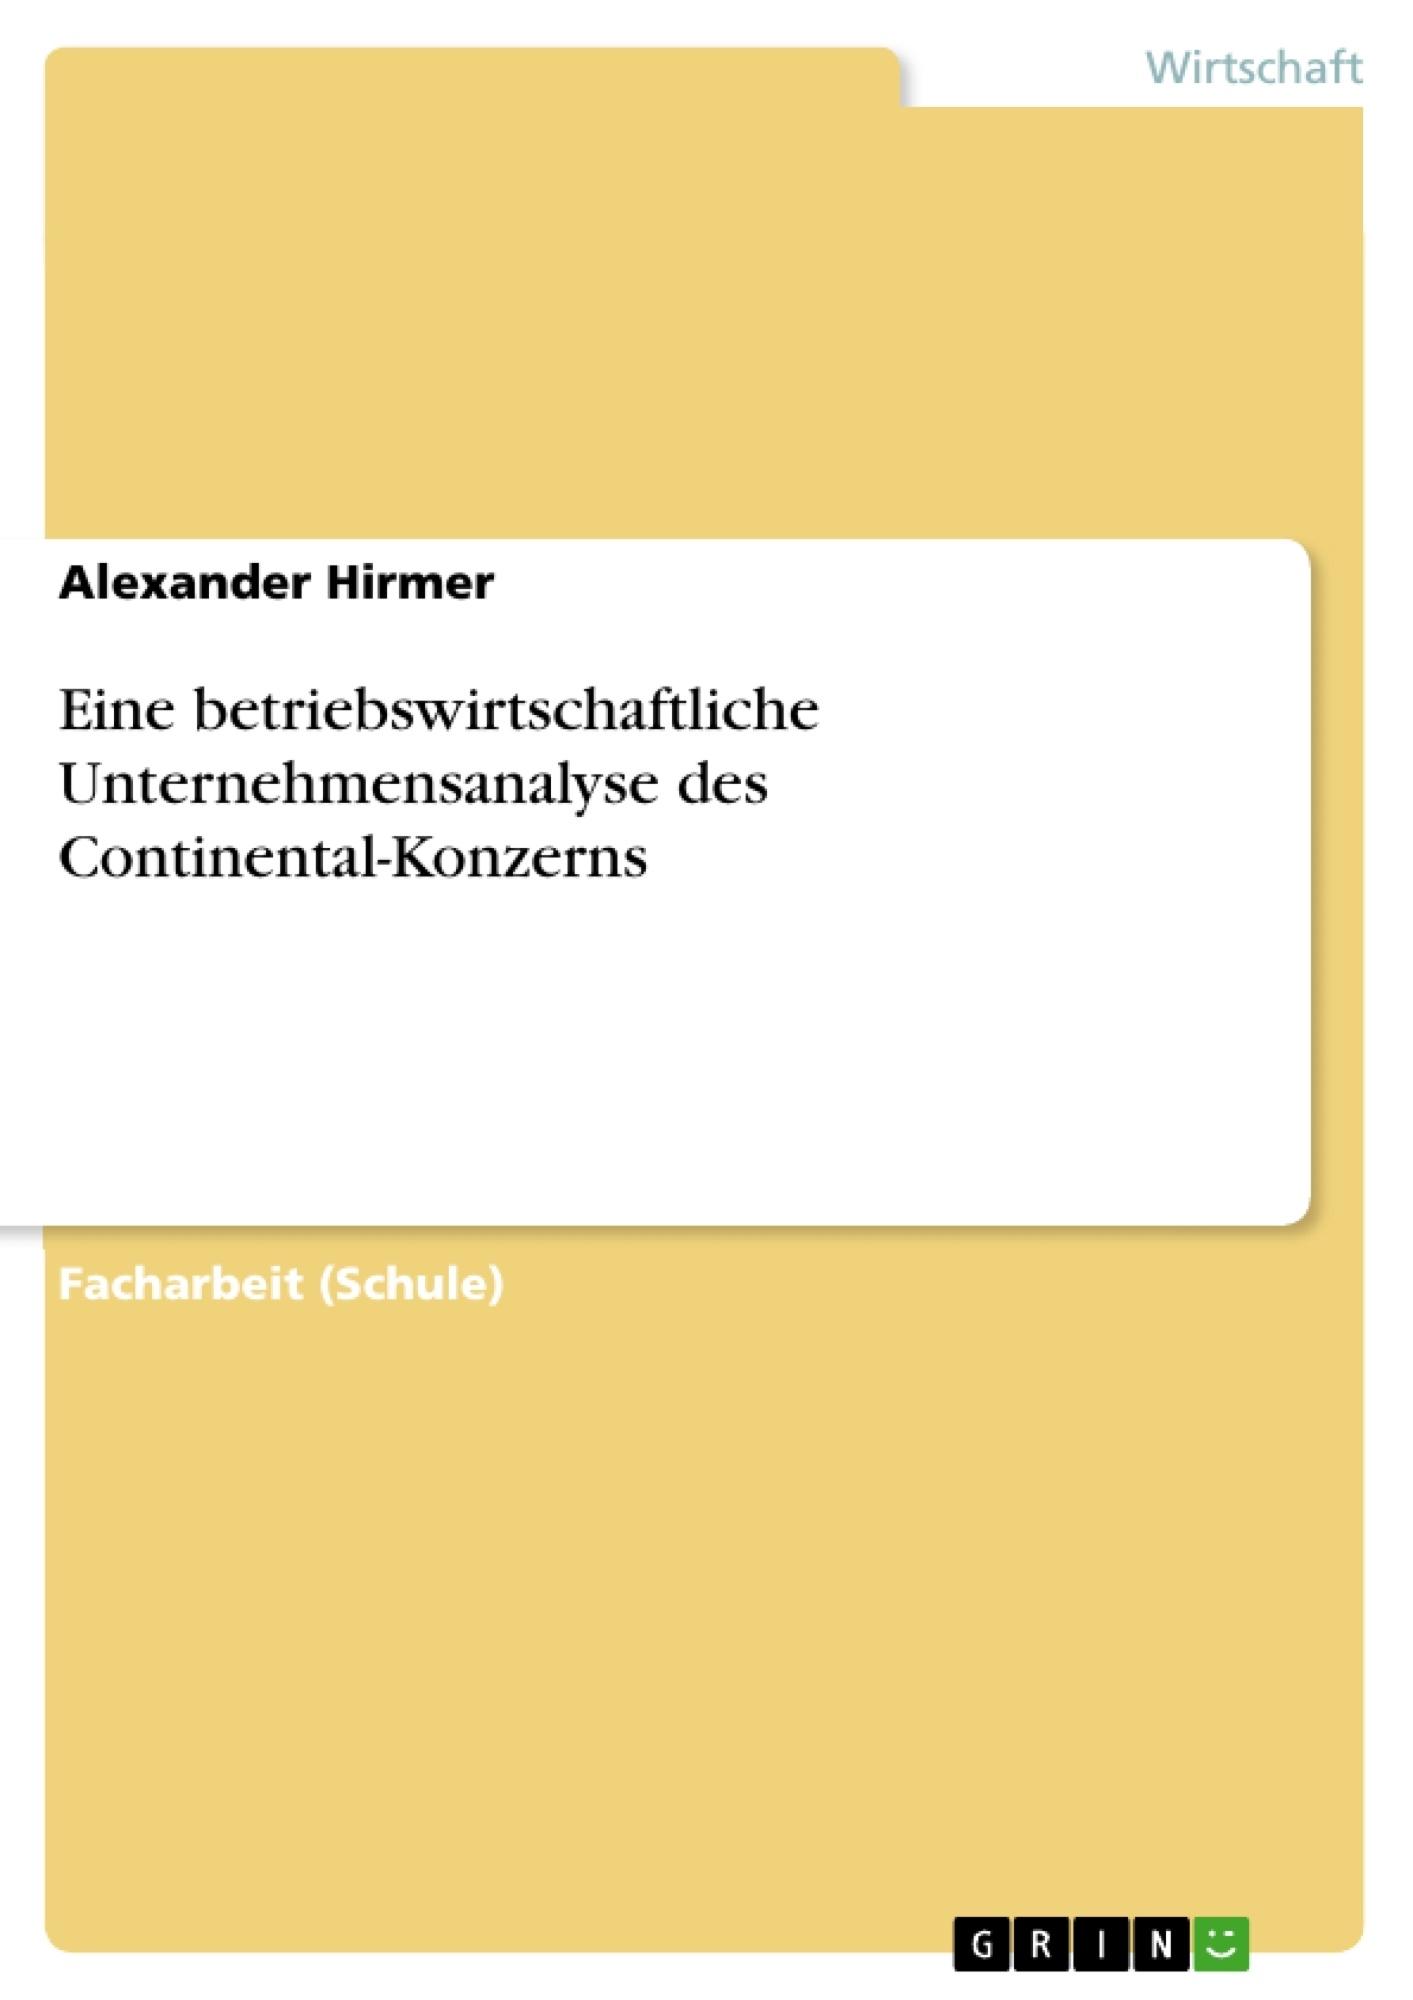 Titel: Eine betriebswirtschaftliche Unternehmensanalyse des Continental-Konzerns